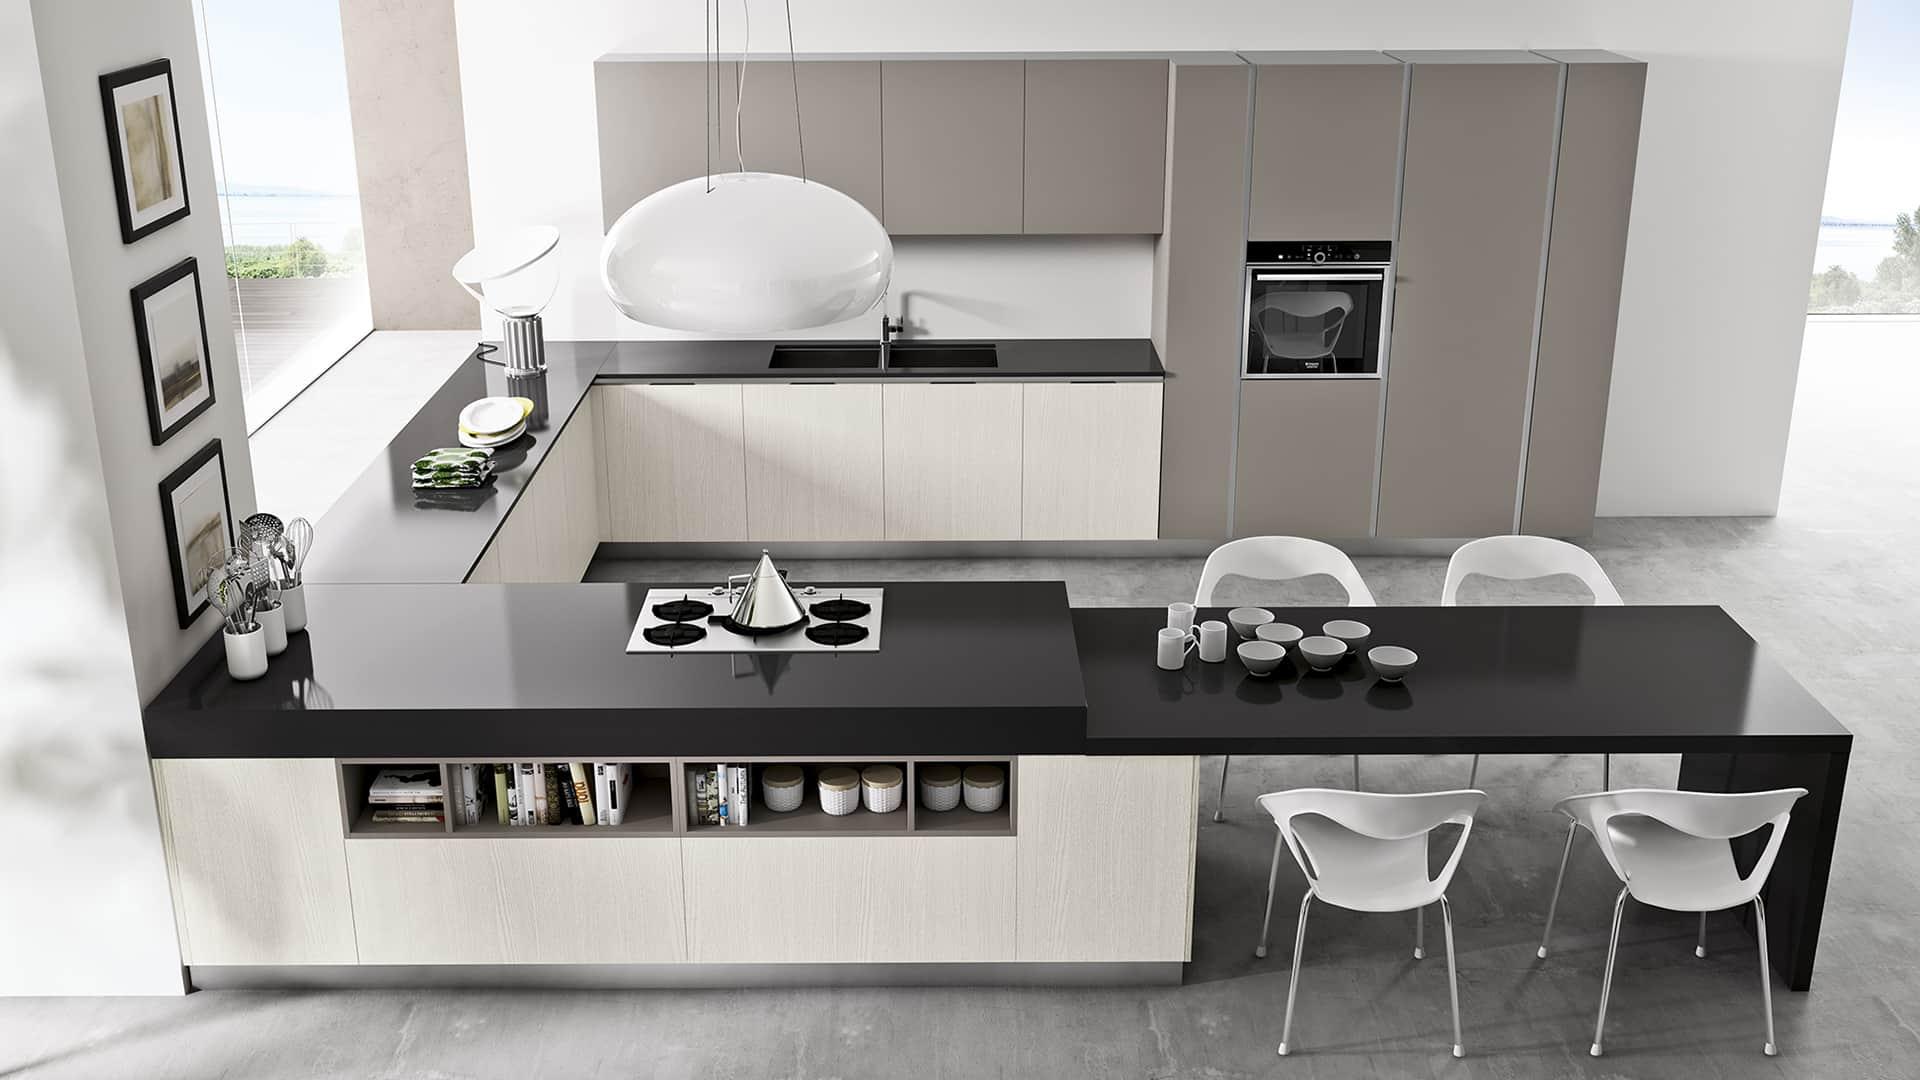 Cucine angolari moderne a padova - Cucina ad angolo con finestra ...